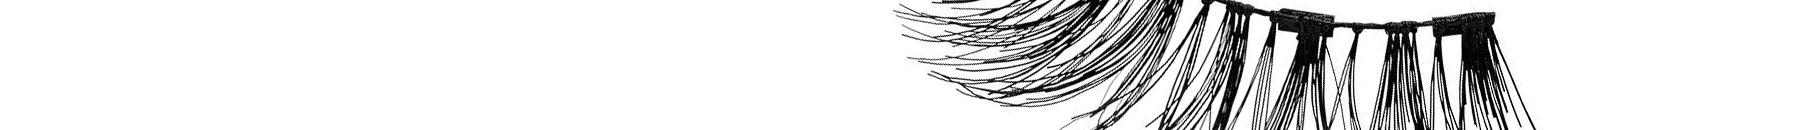 Magnetische wimpers